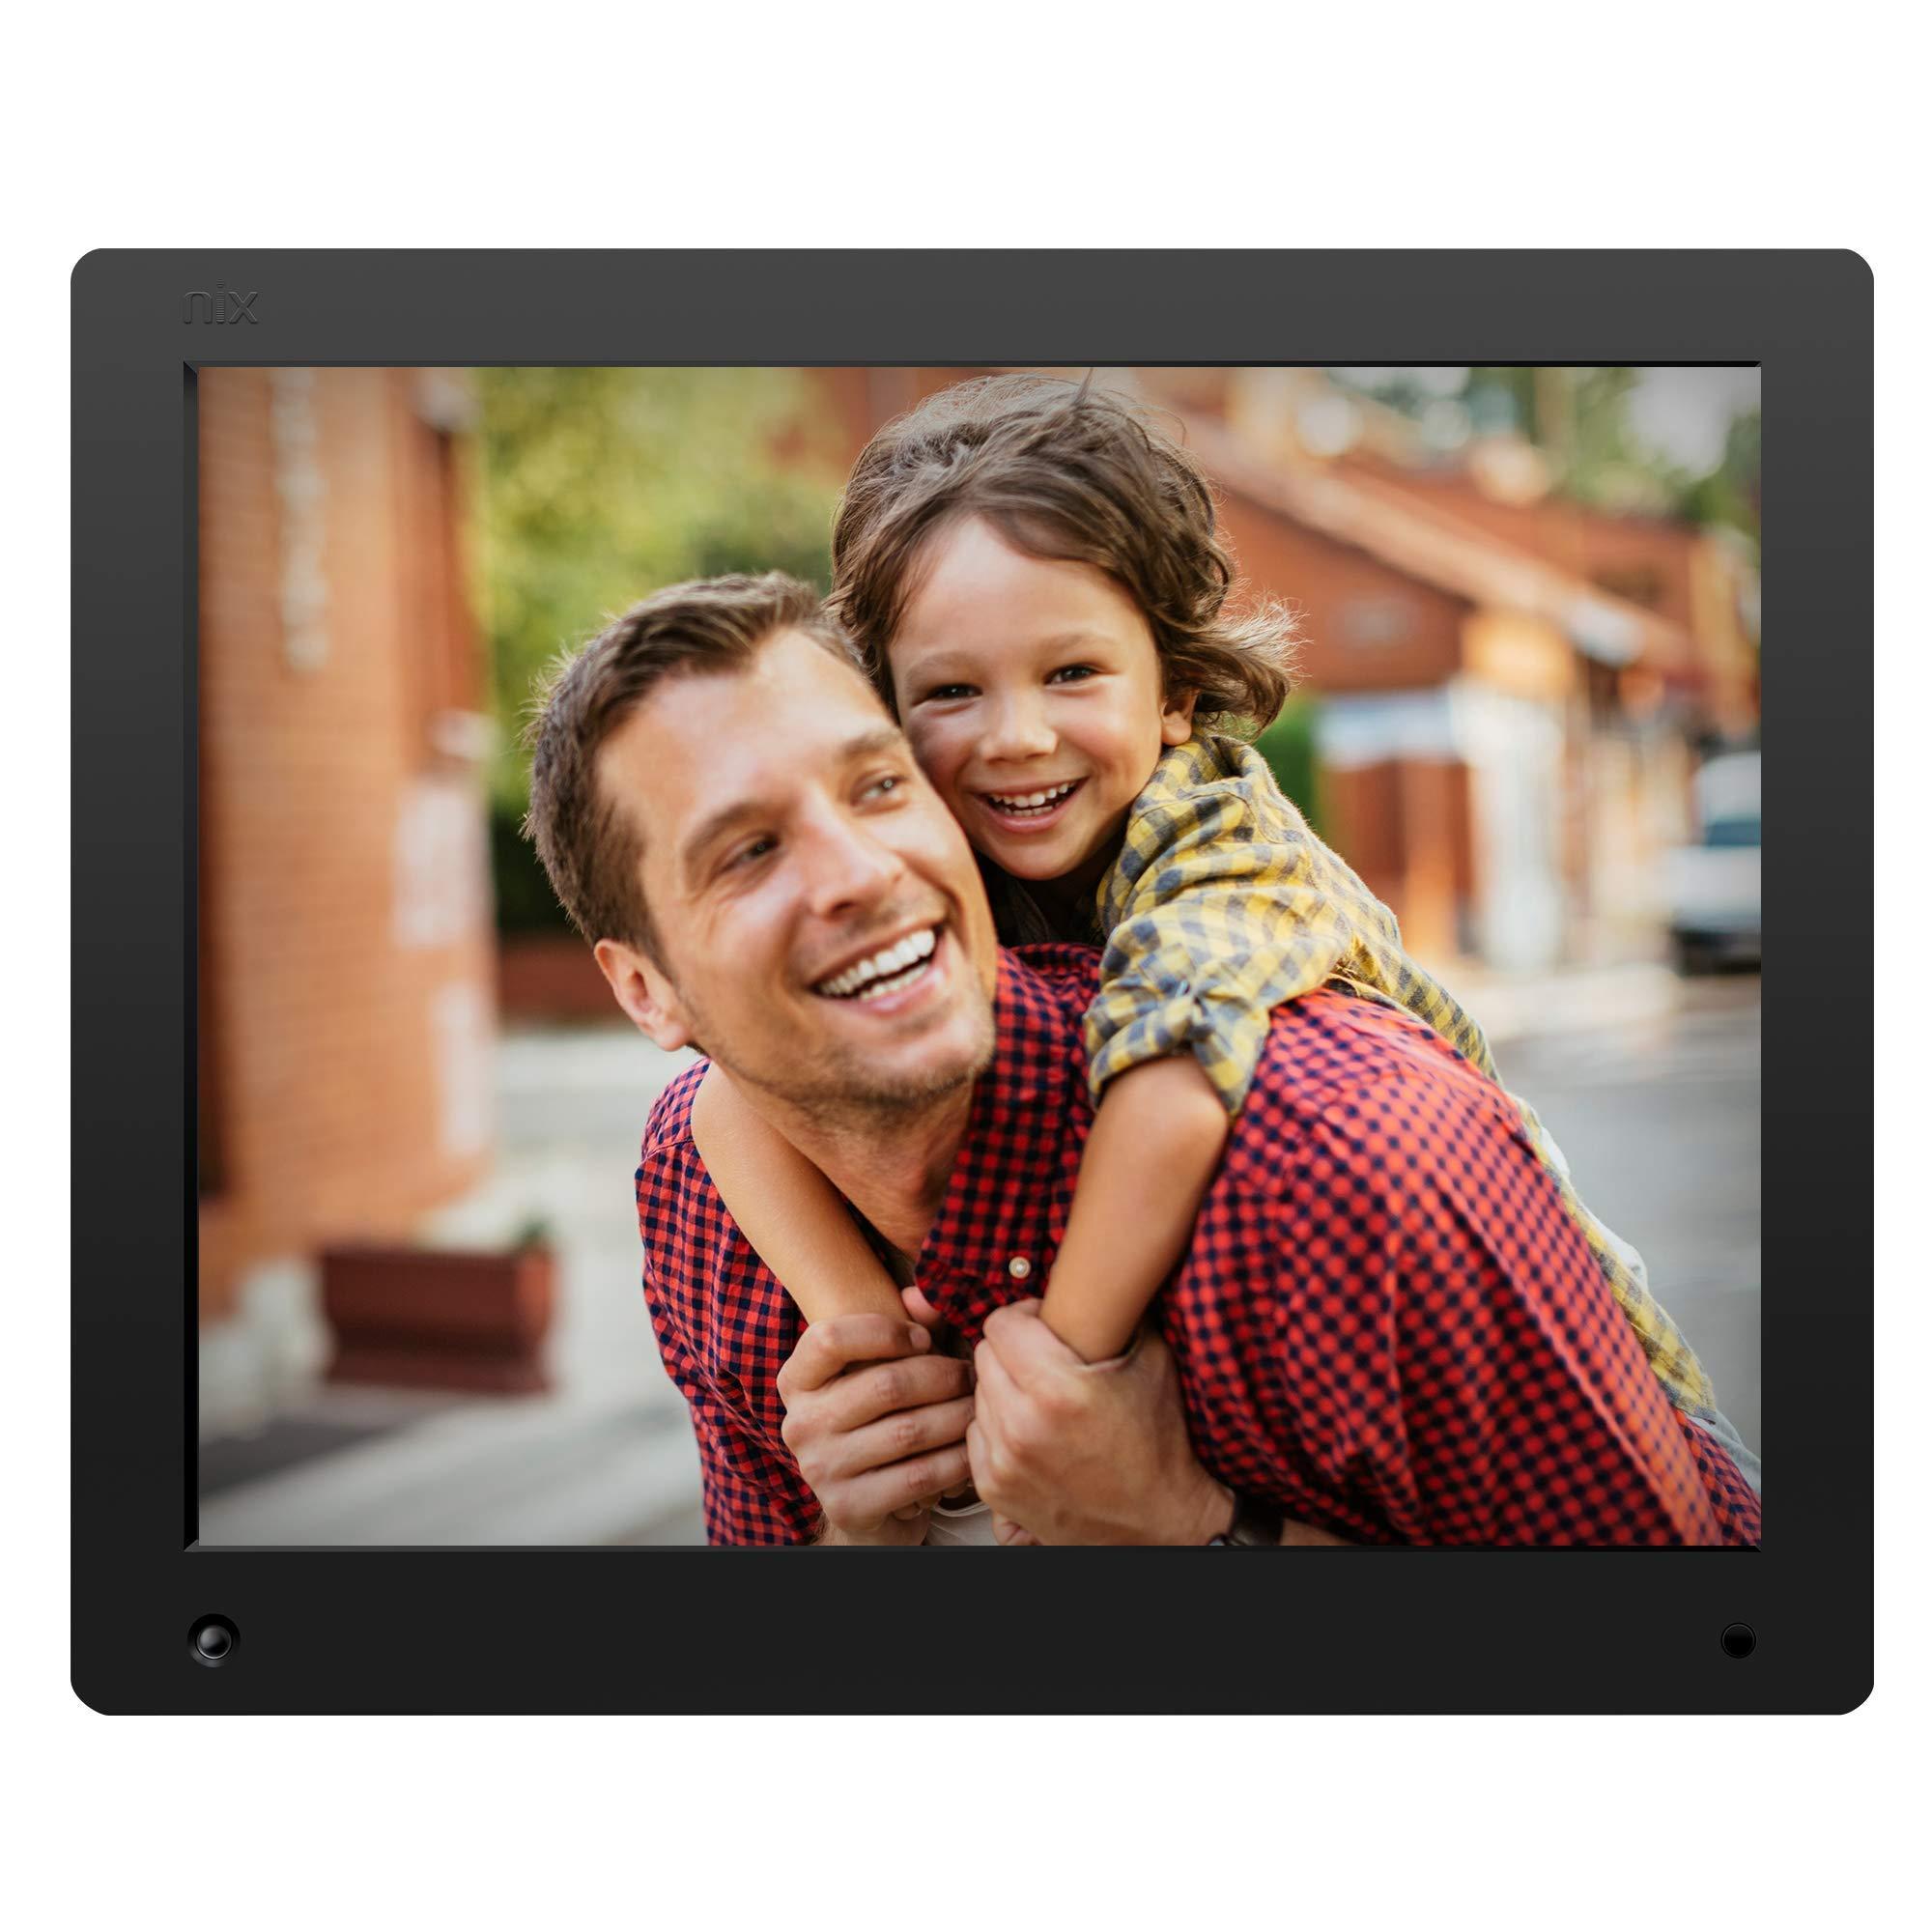 NIX Advance - Cadre numérique 15 Pouces écran Large pour Photos et vidéos HD (720p) avec capteur de Mouvement. Noir. X15D product image